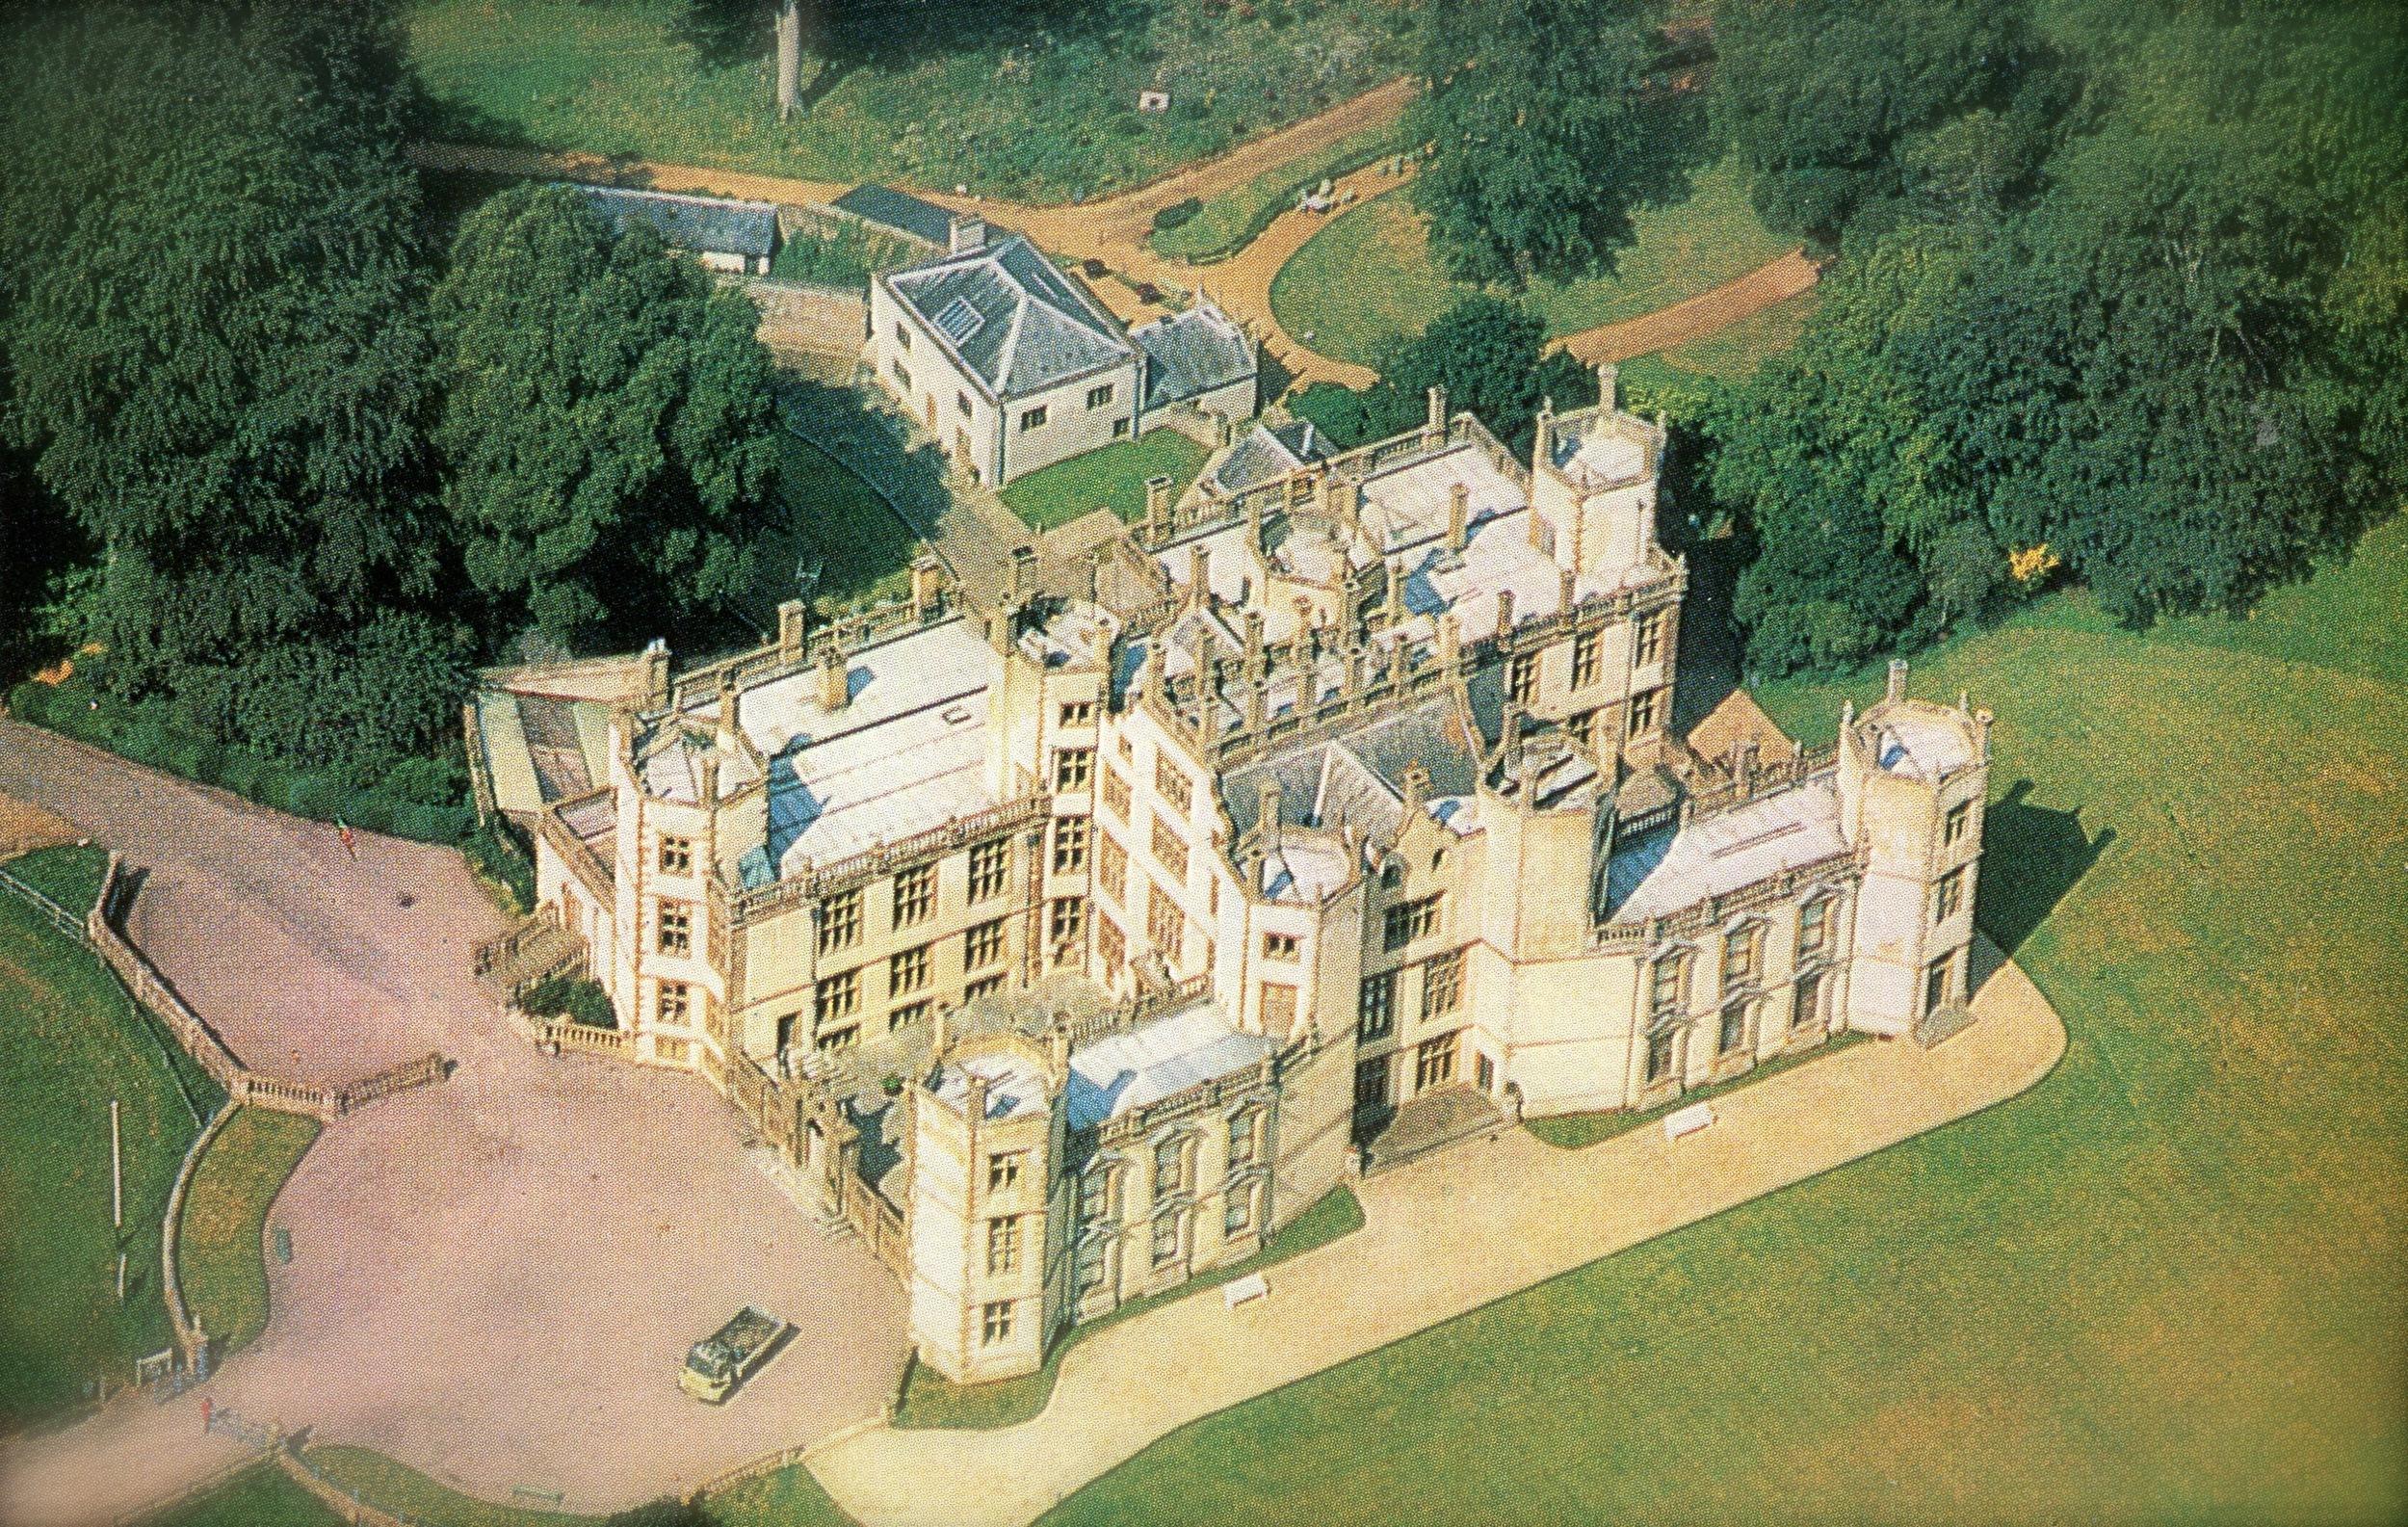 Sherbourne Castle, England